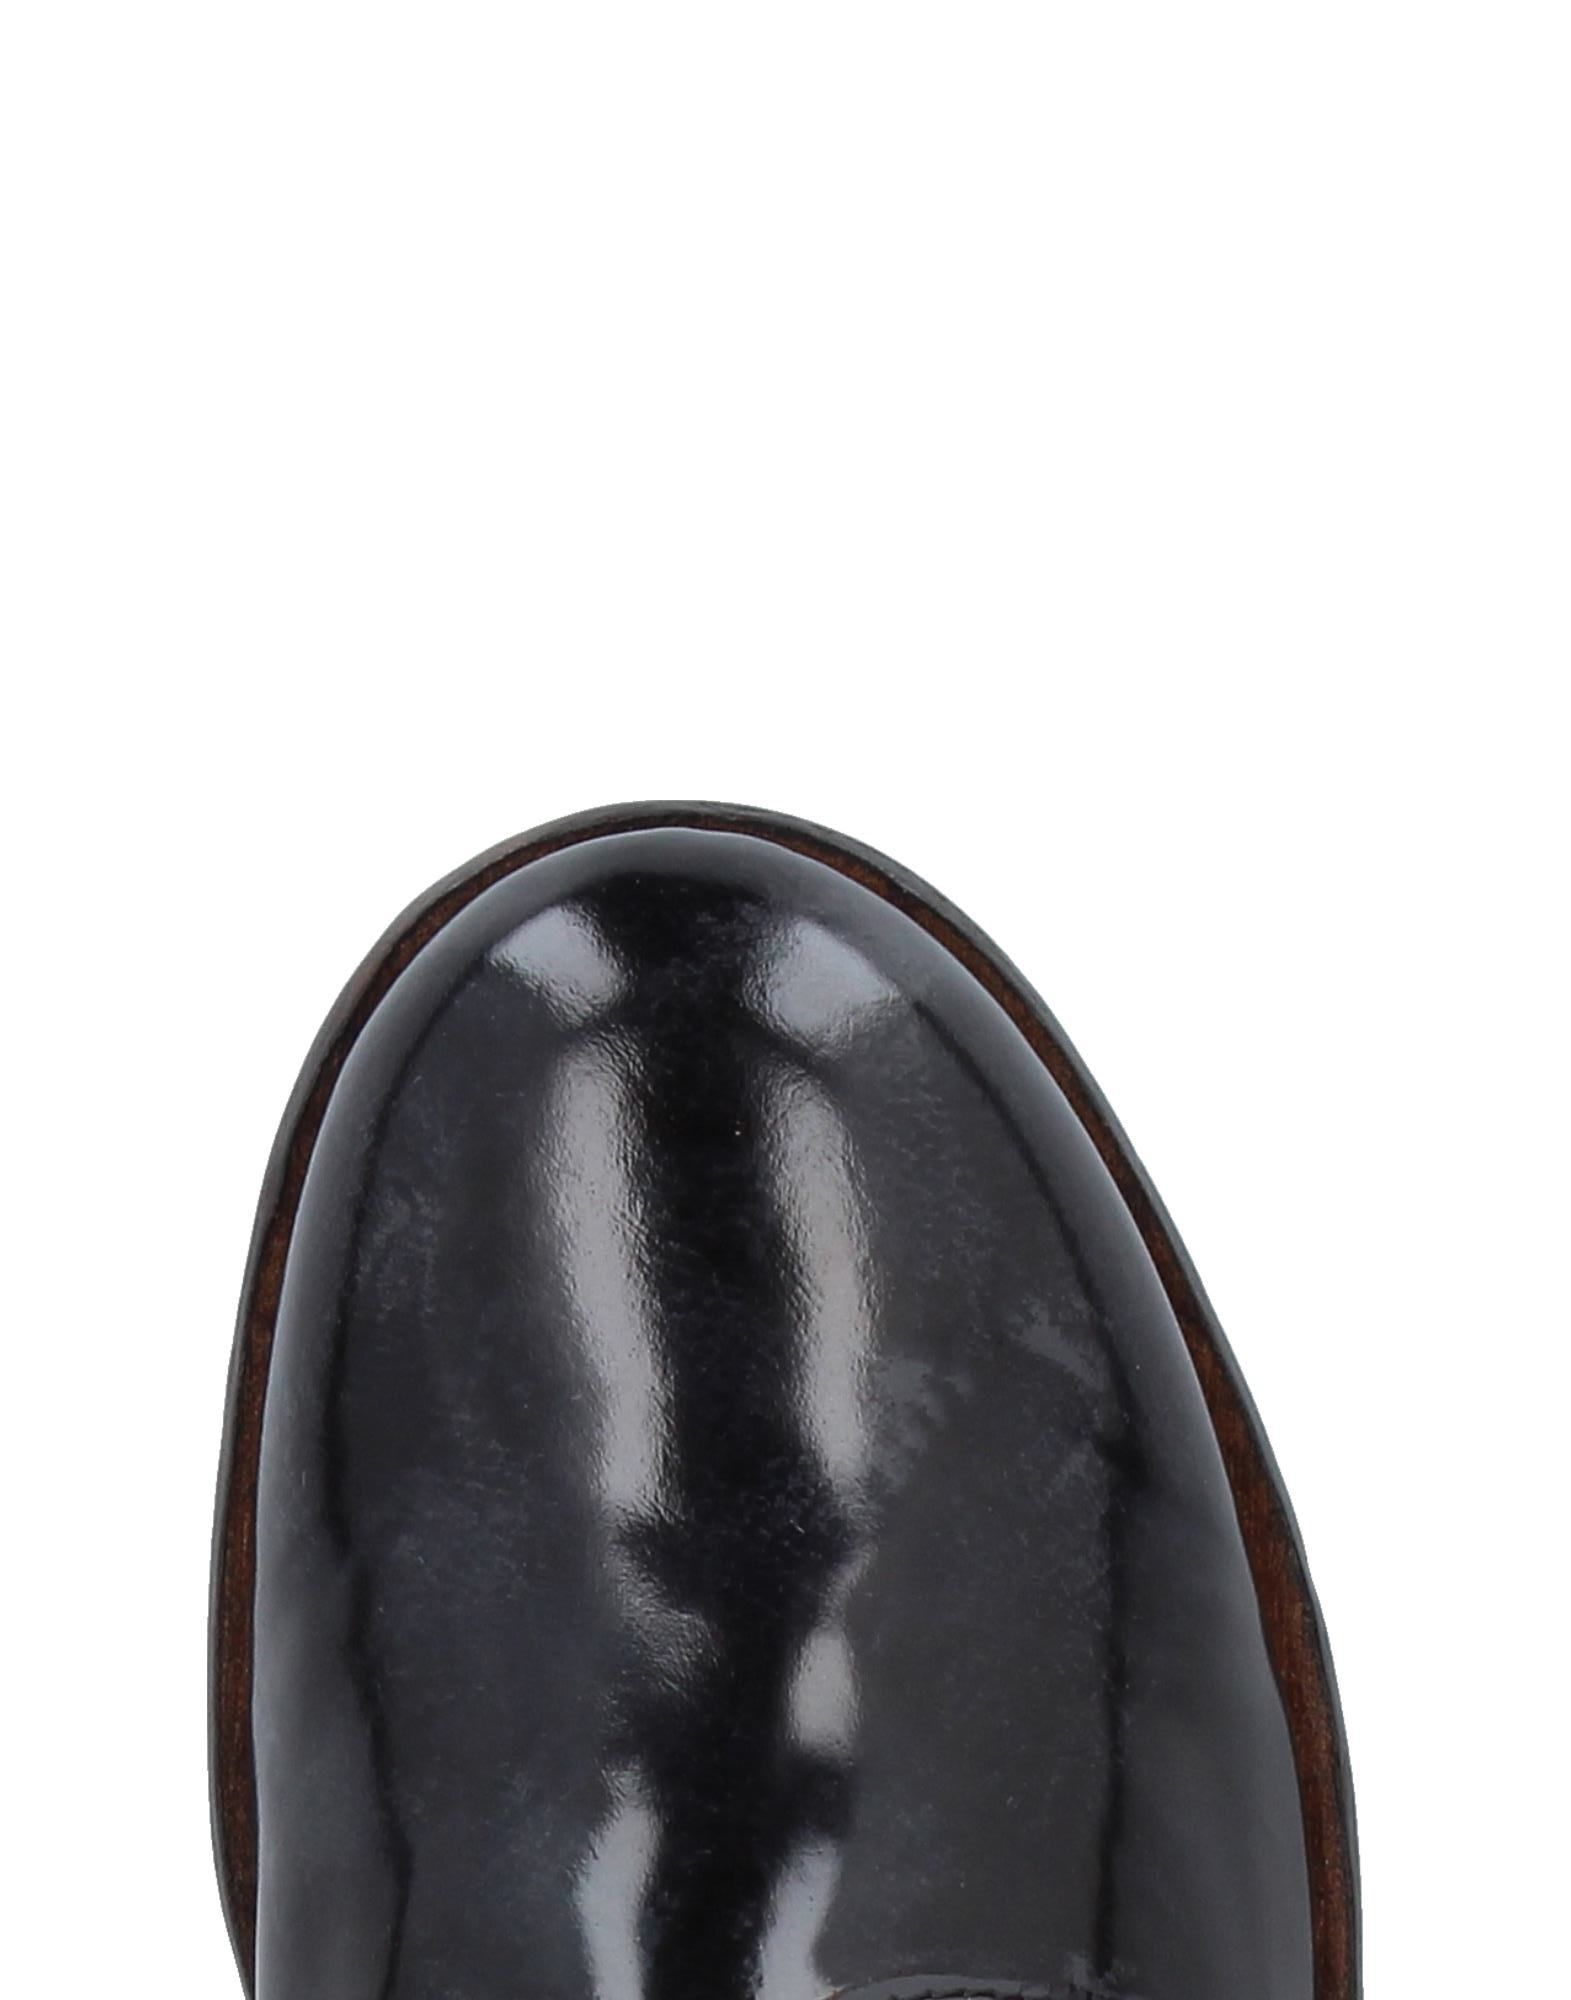 Moma Schnürschuhe Herren  11412038VD Gute Qualität beliebte Schuhe